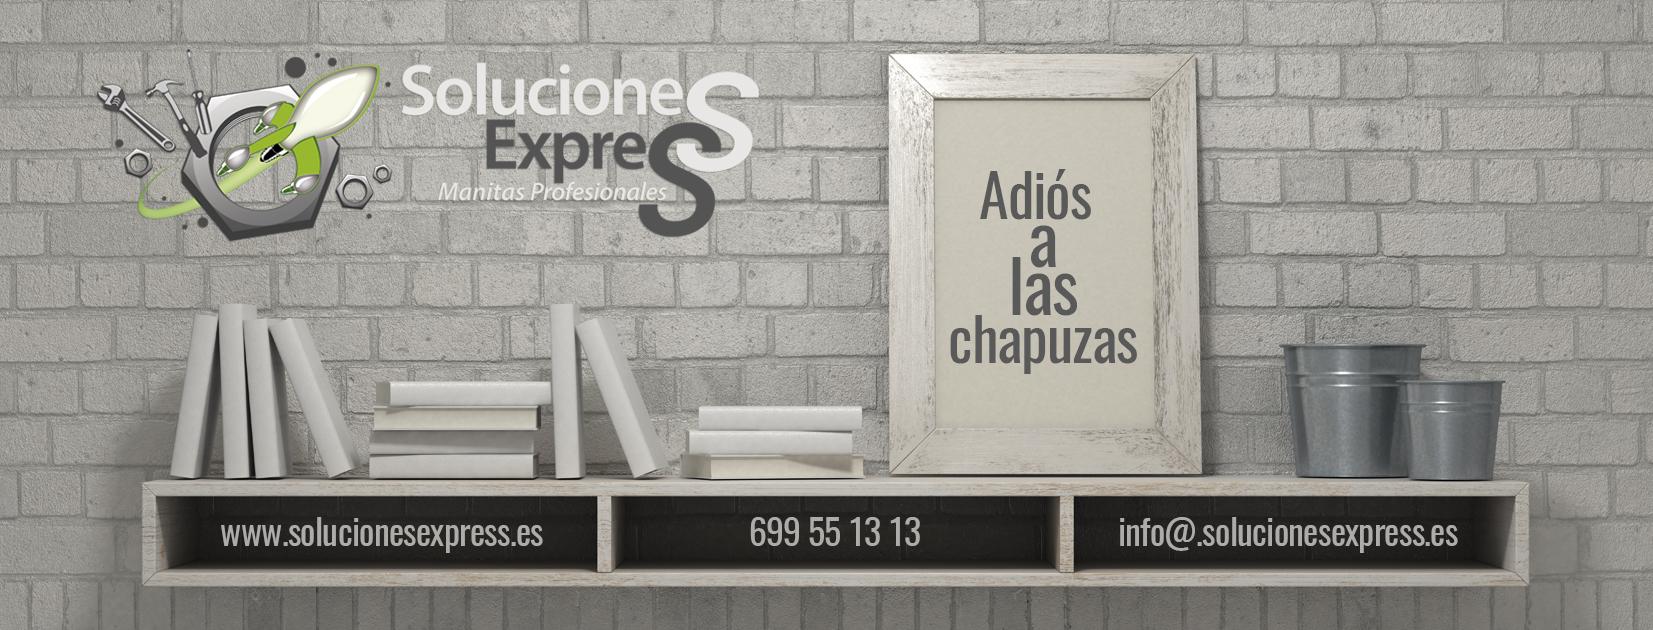 Manitas express   Soluciones Express, manitas ...